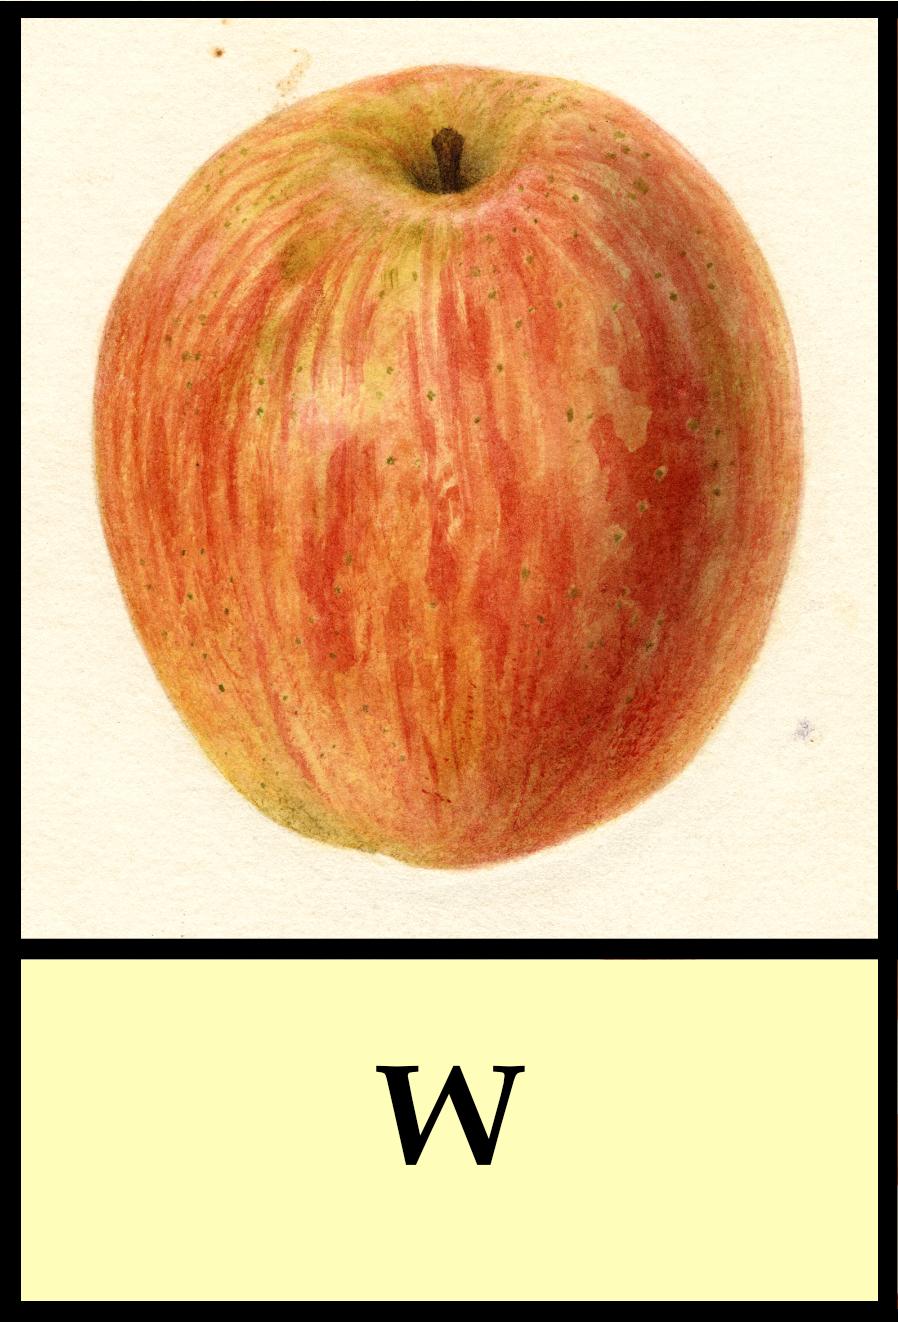 W apples